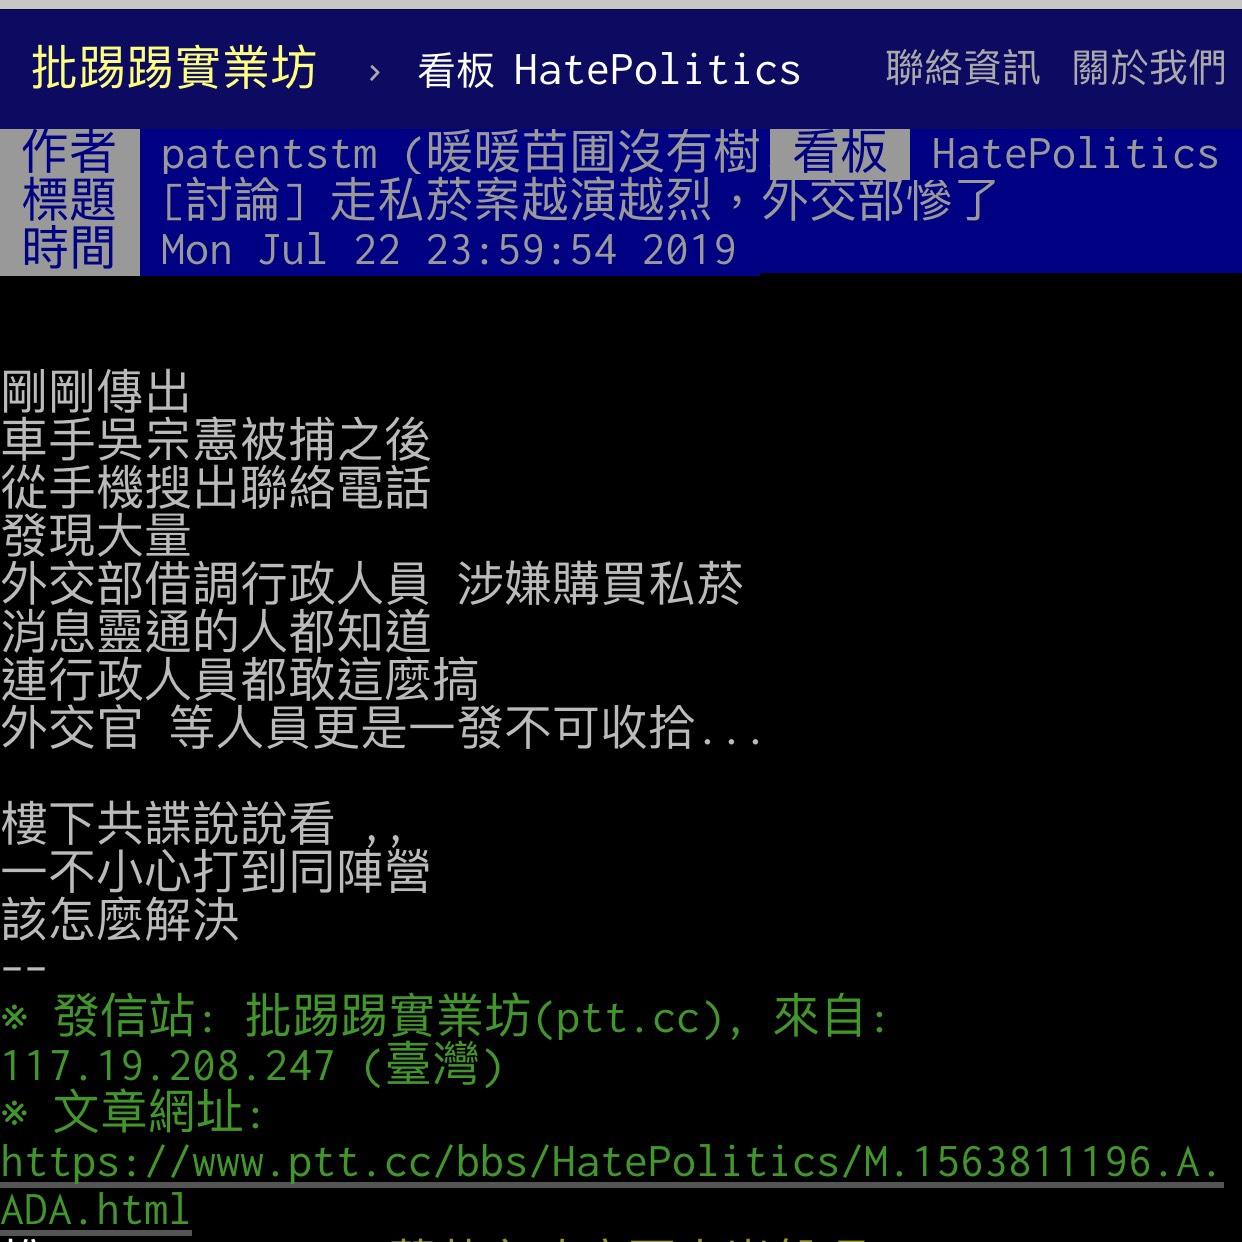 網友暗指外交人員涉嫌國安人員私菸案,外交部澄清並告發散布不實資訊(翻攝PTT)